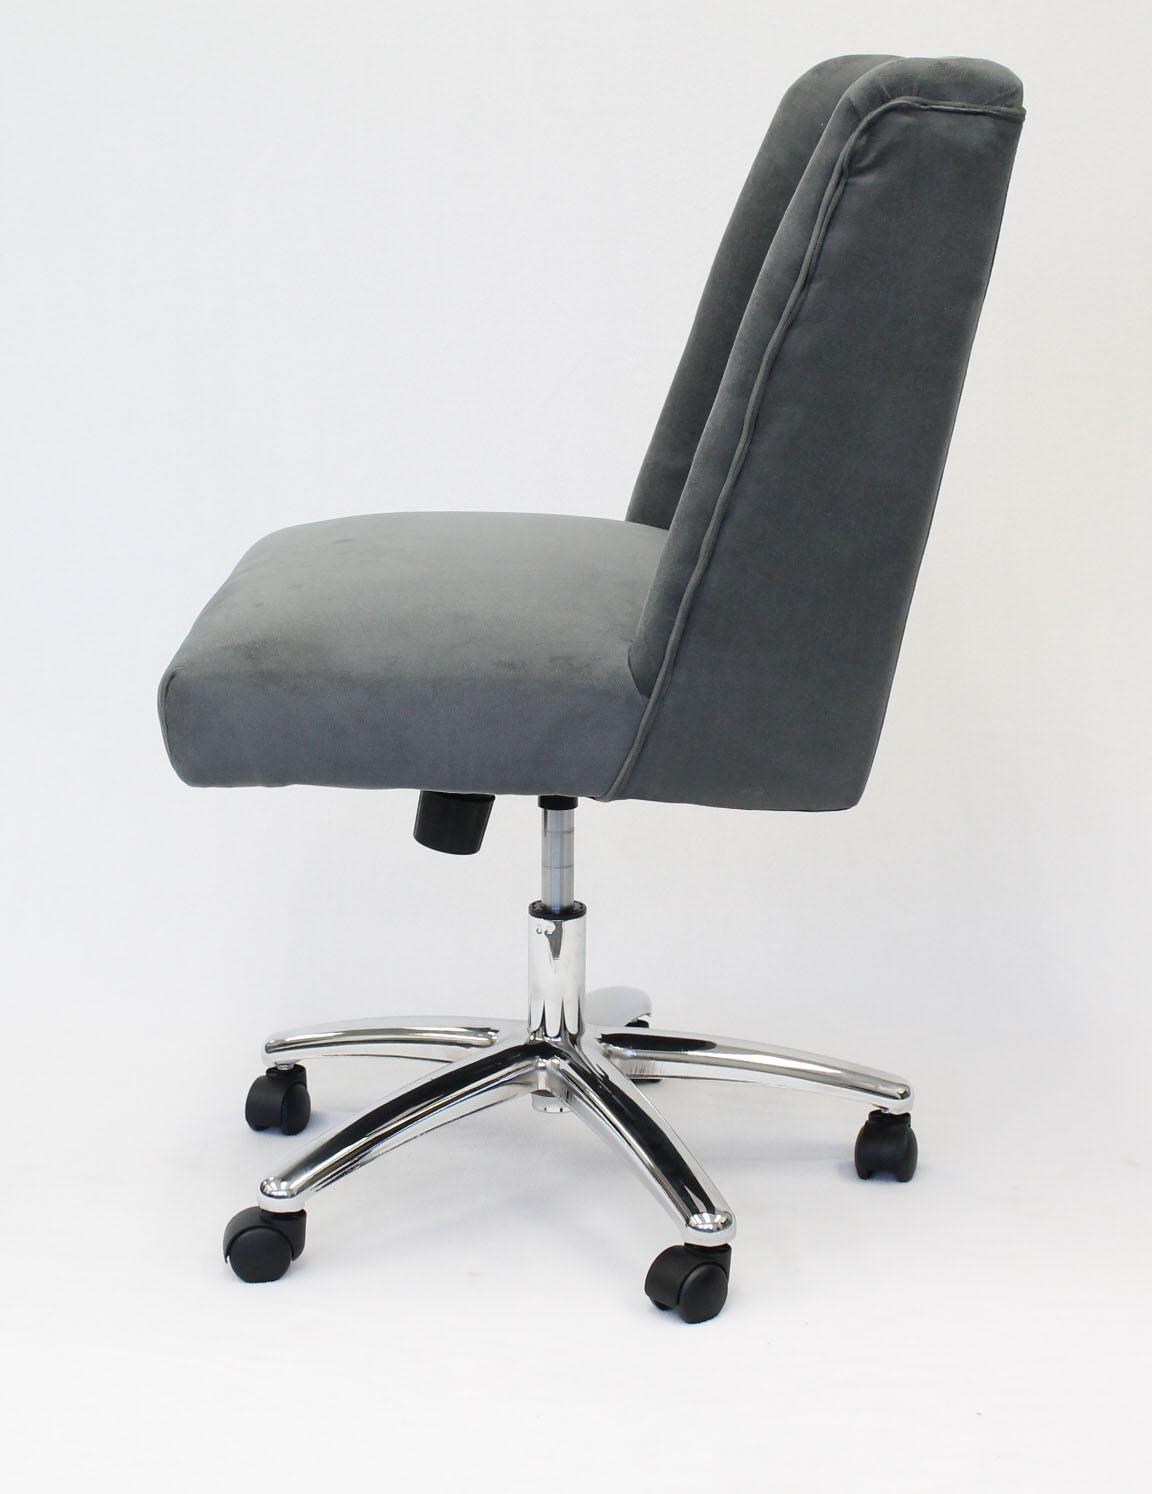 Boss Decorative Task Chair Charcoal Grey Bosschair